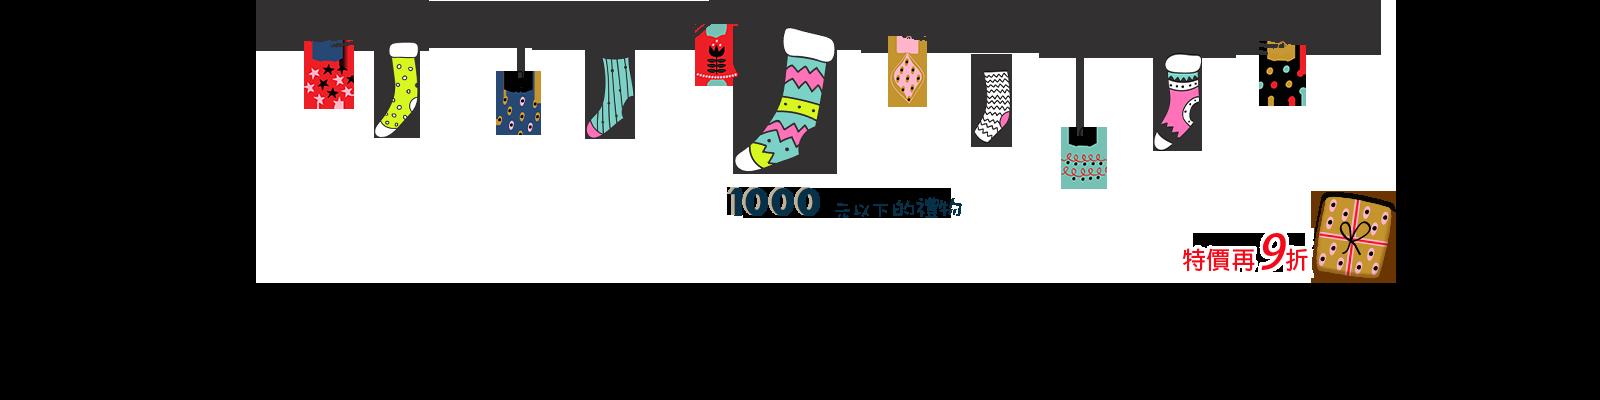 咕咕嘎嘎親子購物網聖誕活動1000元以下商品特價再九折